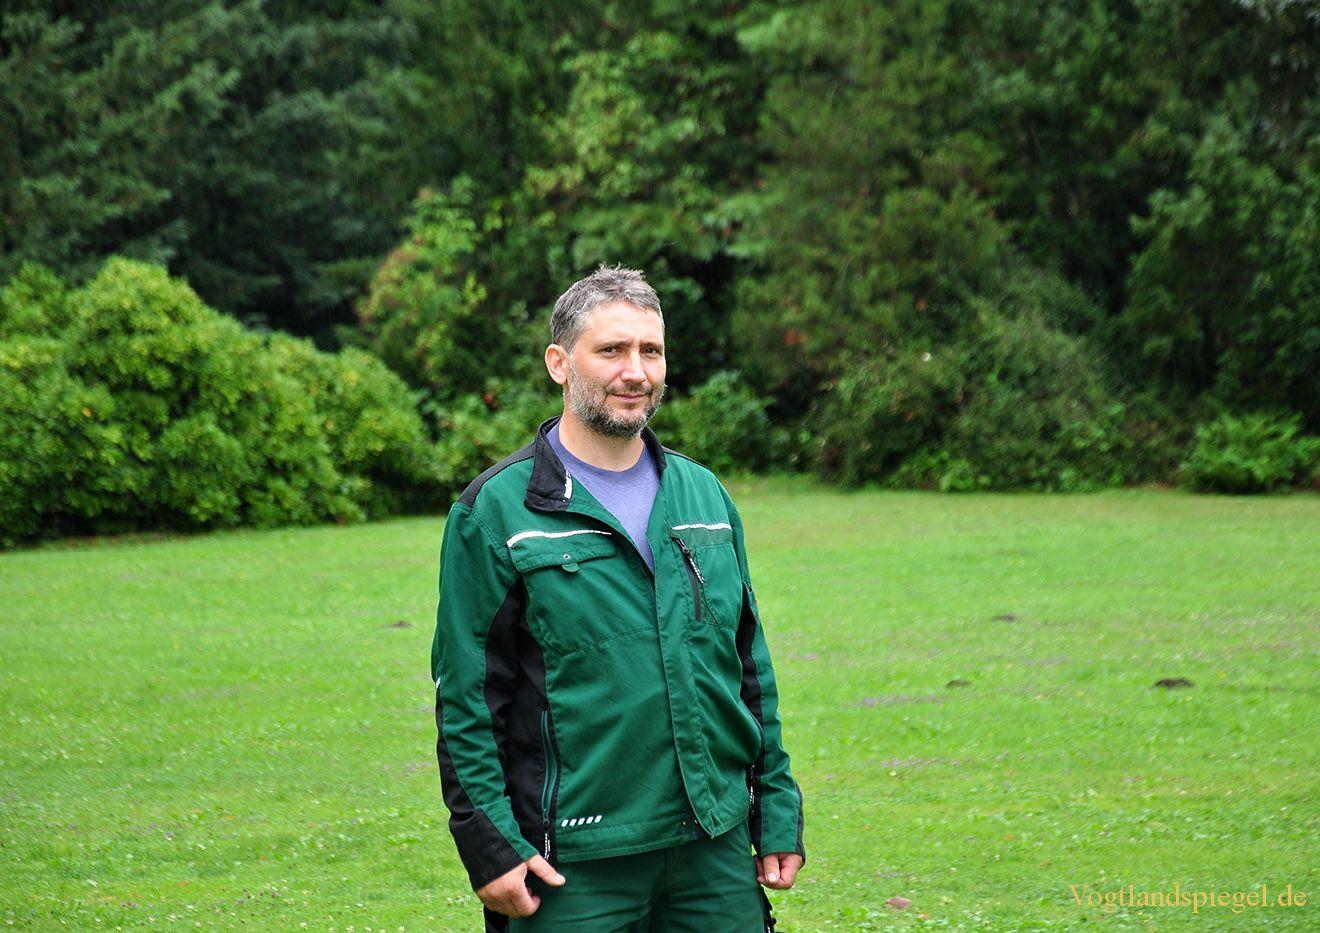 Parkverwalter des Fürstlich Greizer Parks, Rainer Harloff